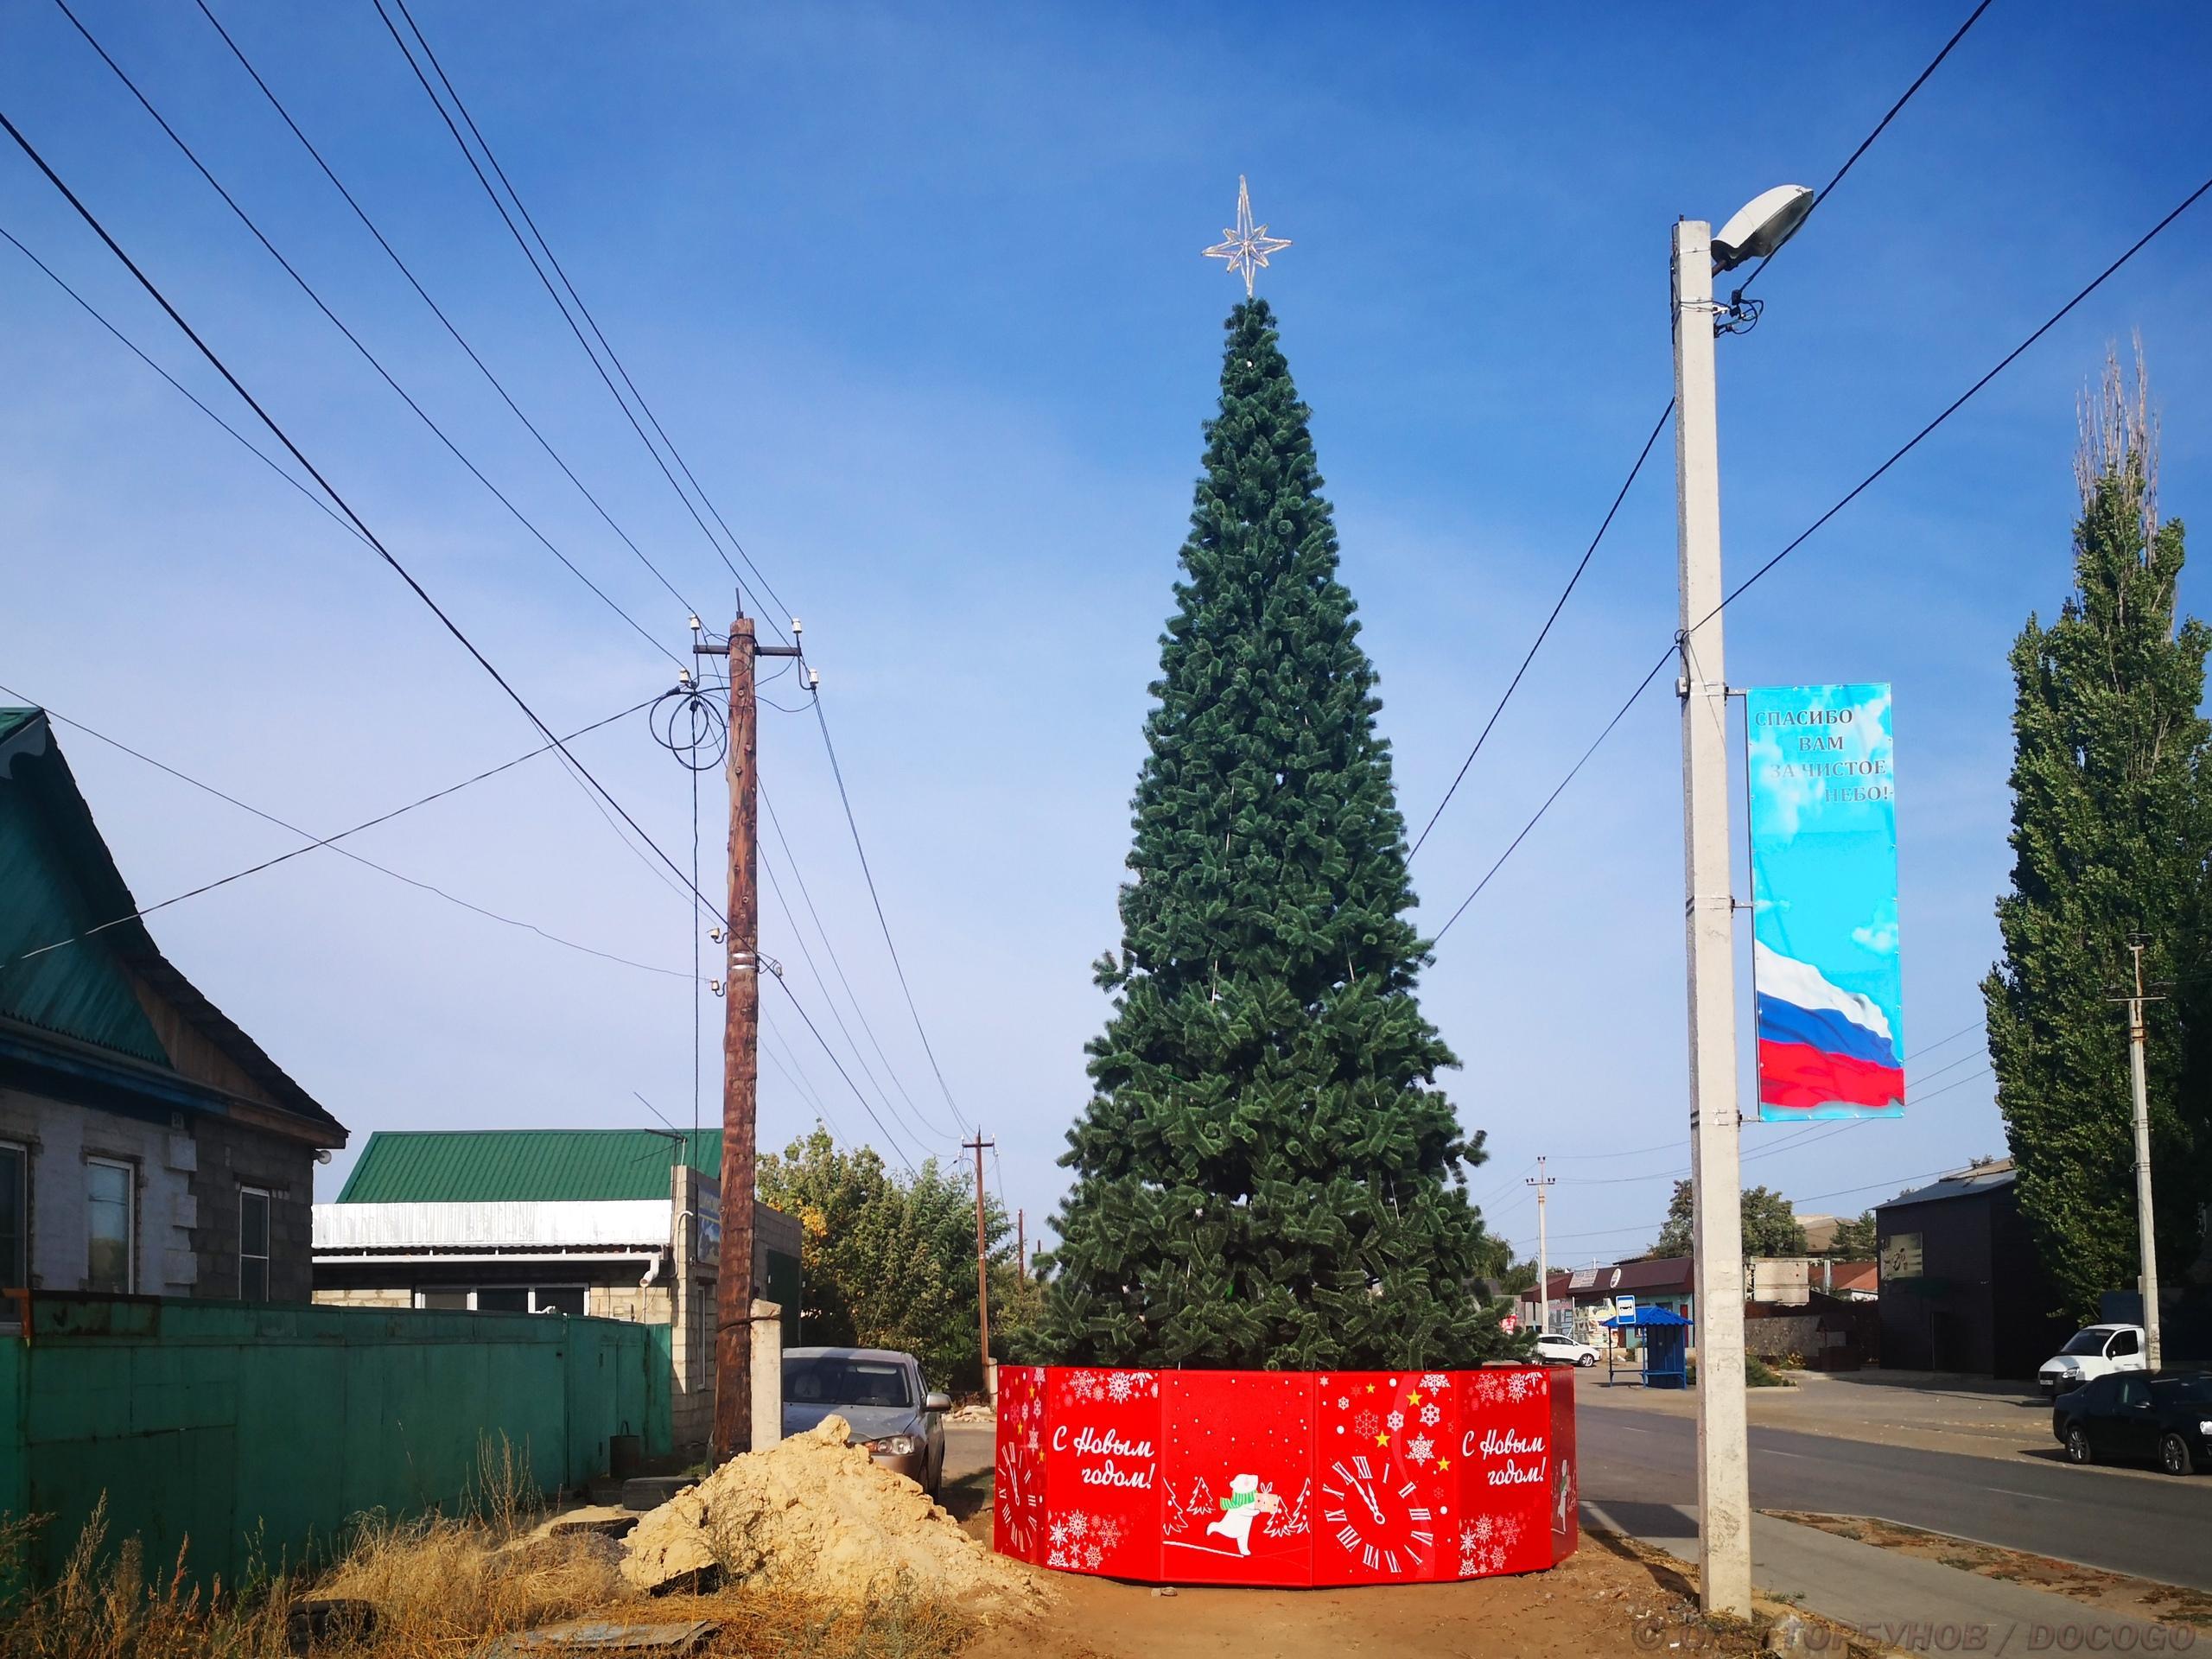 2020-й надоел? В Волгоградской области на улице установили новогоднюю ёлку